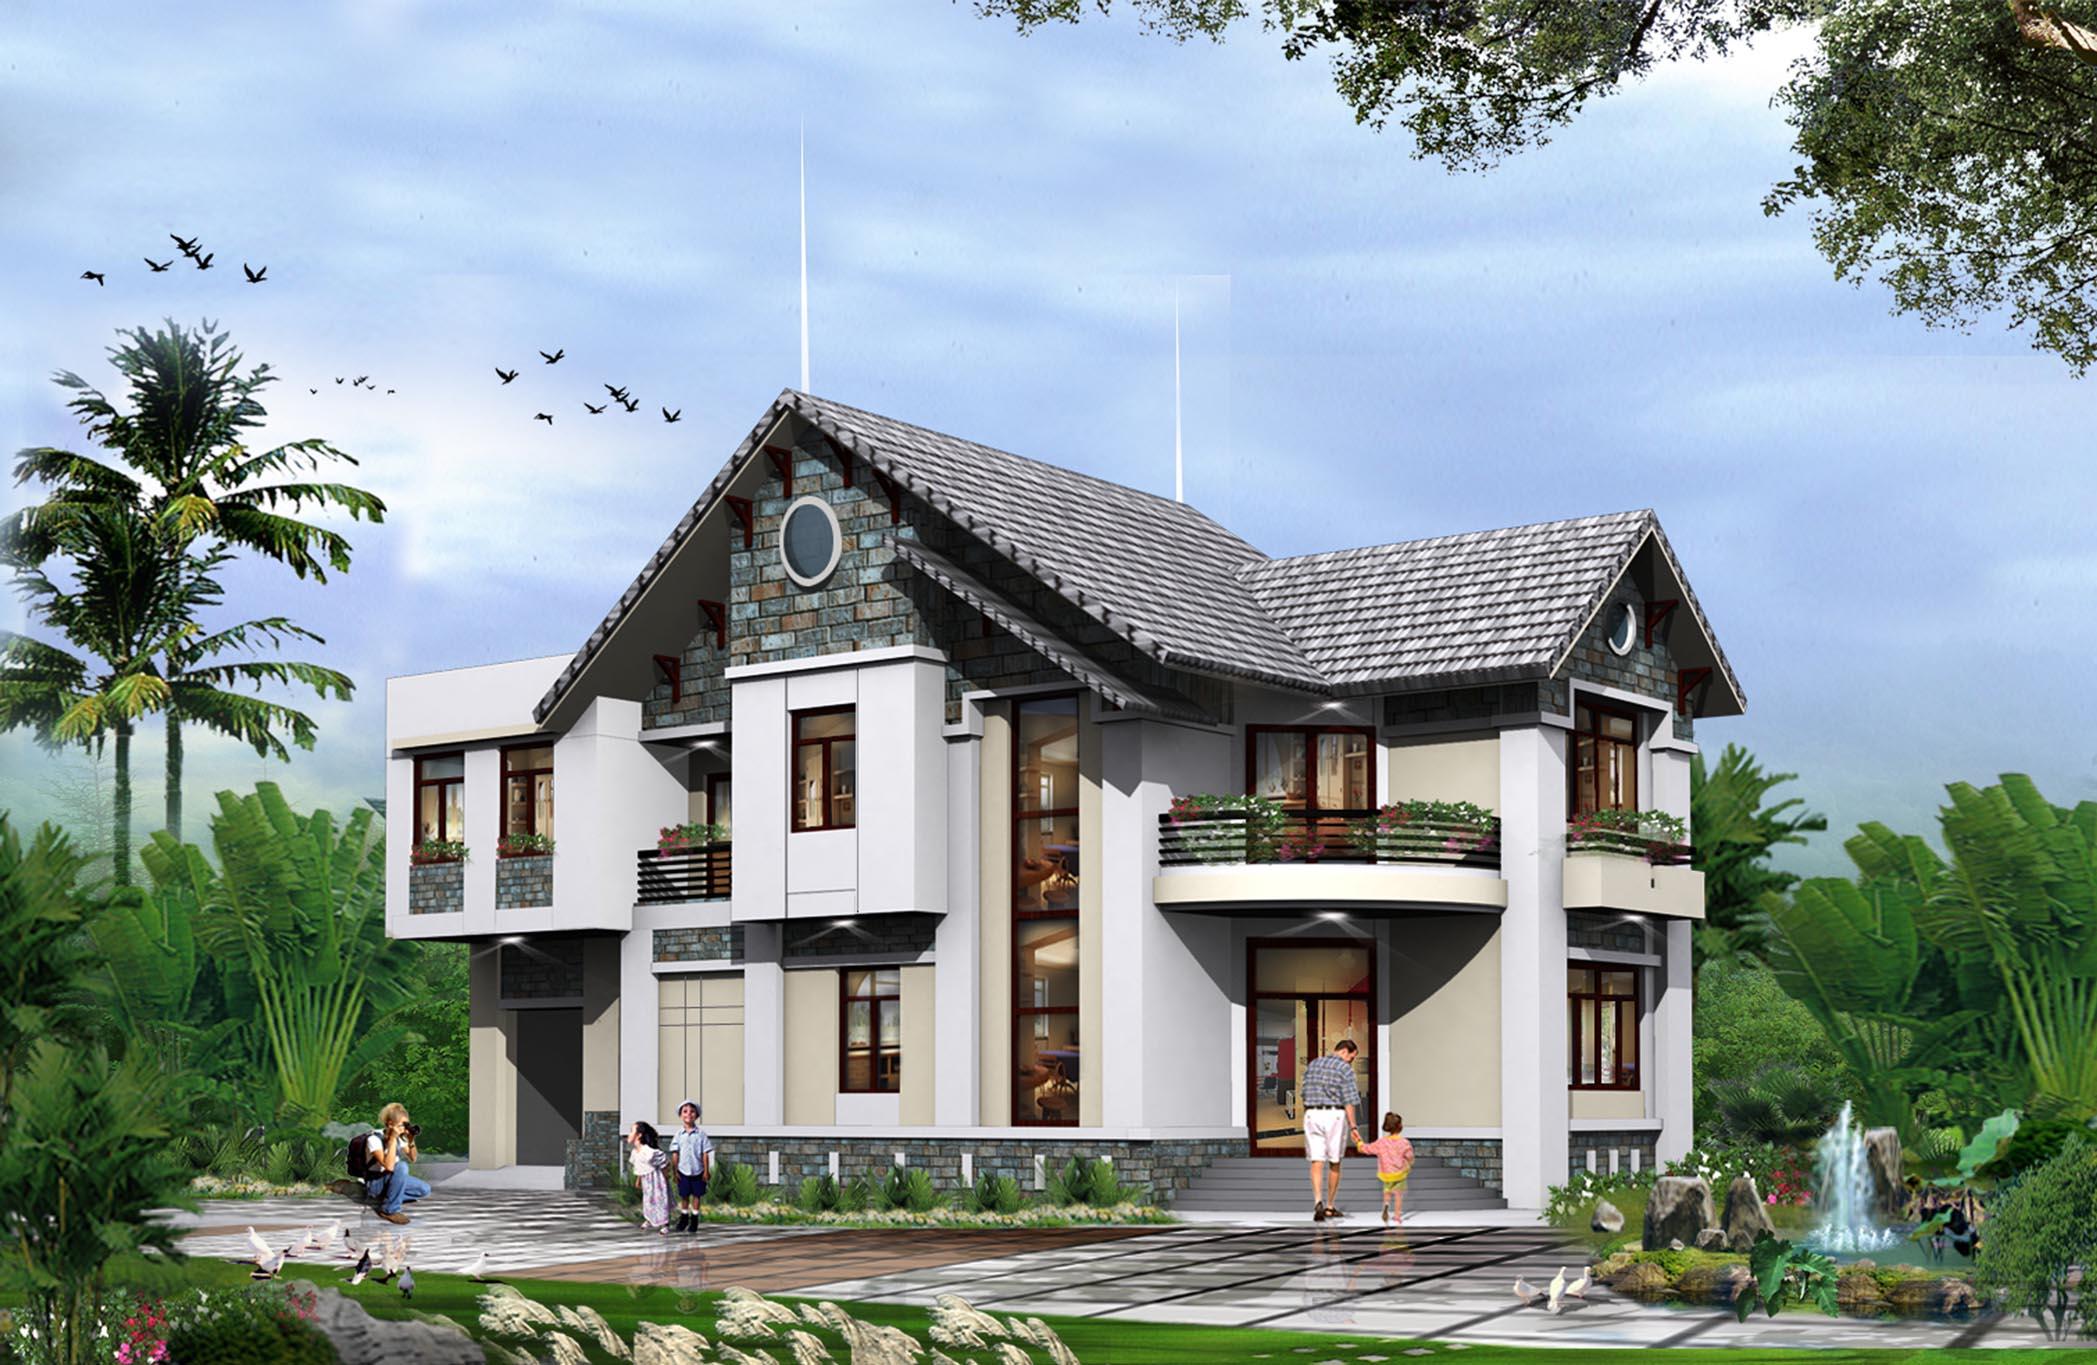 Thiết kế biệt thự vườn trên mảnh đất 300m2